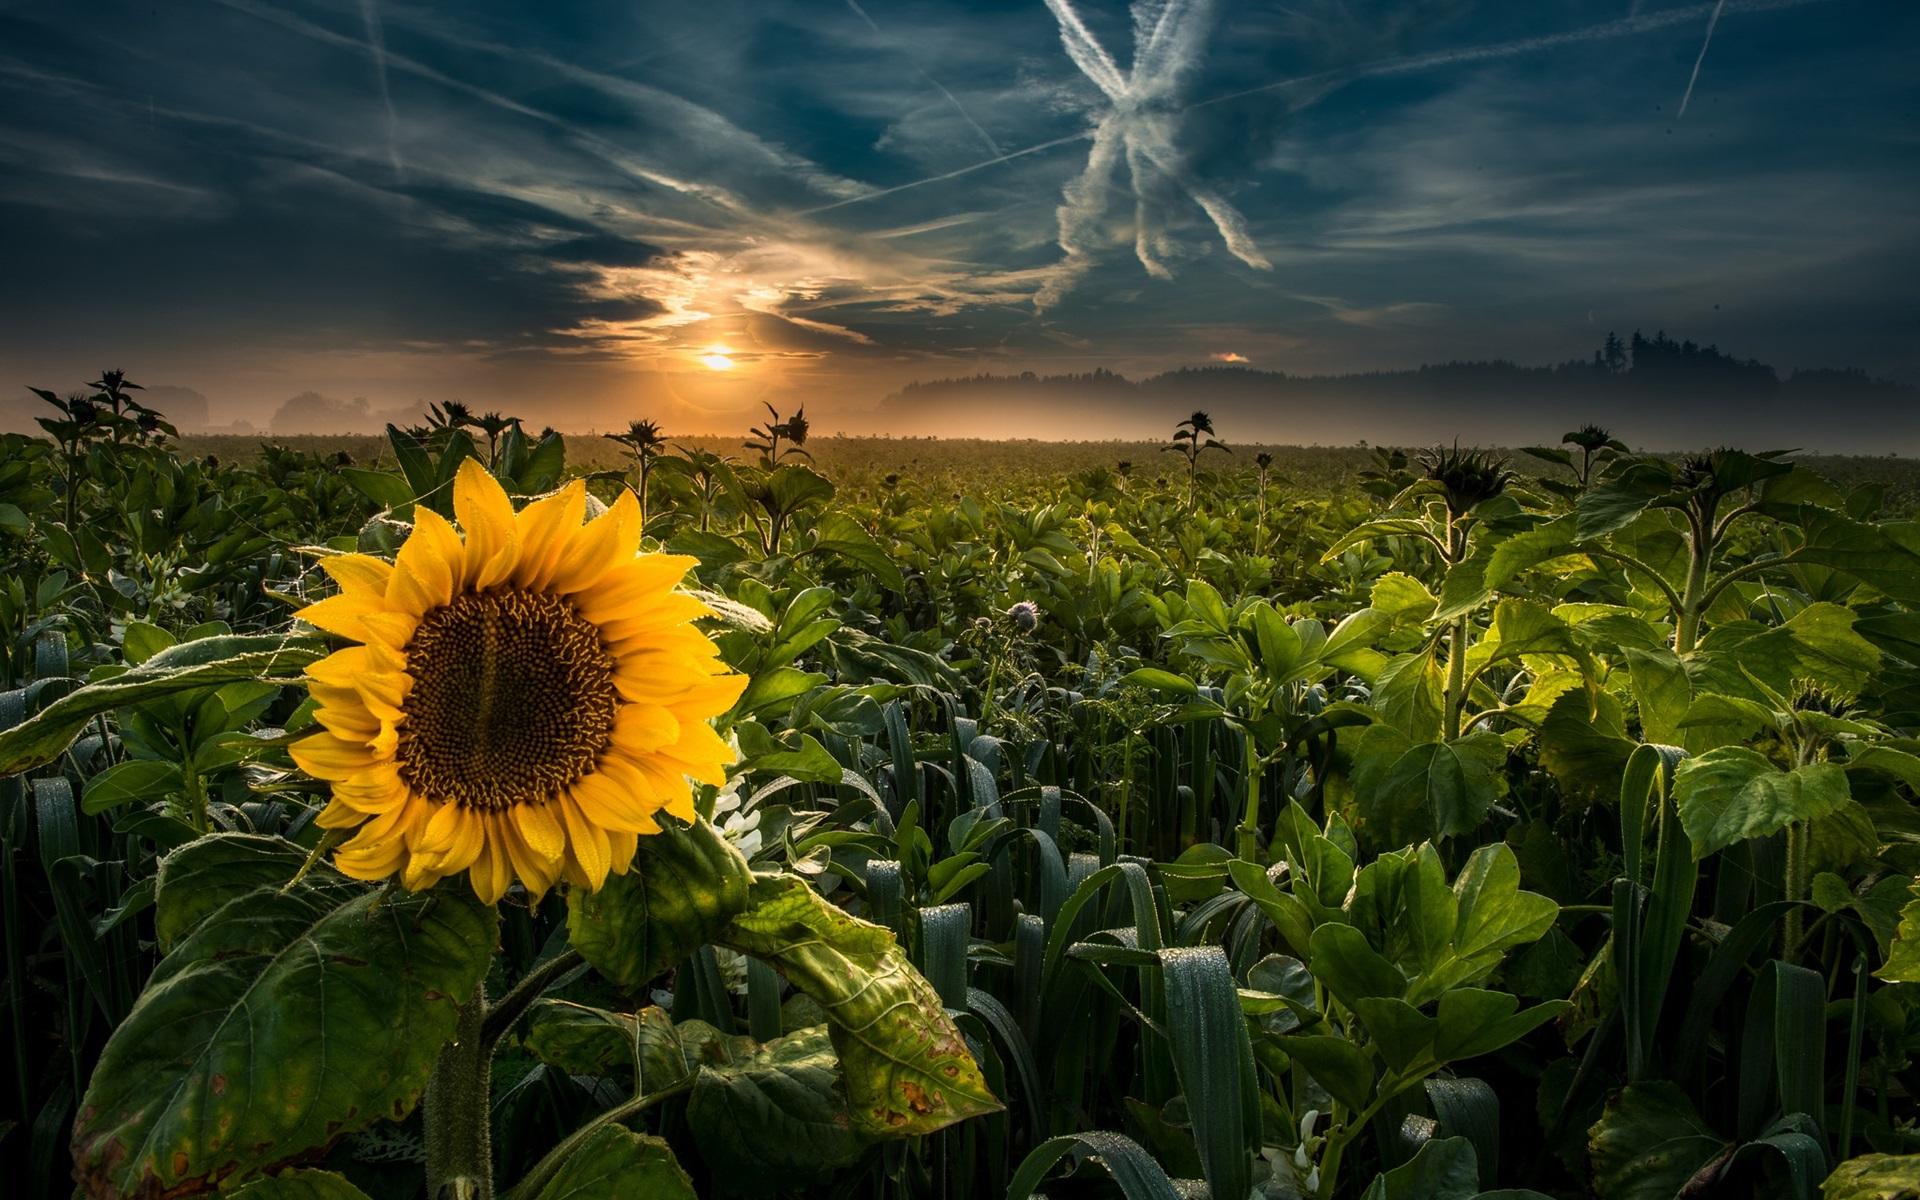 Wallpaper Sunflowers, fields, sunset, clouds 1920x1200 HD ...